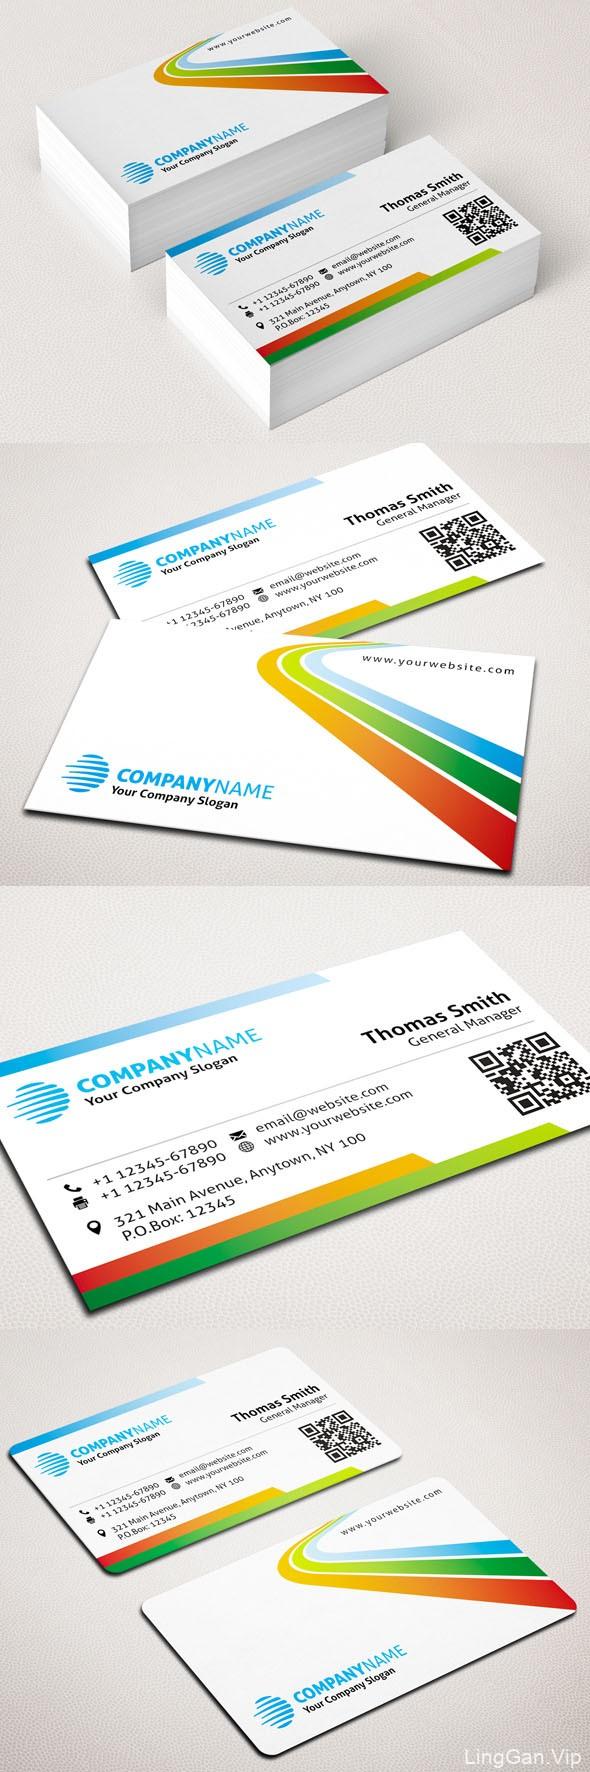 科技企业名片/现代商业名片设计模板-蓝色+彩色